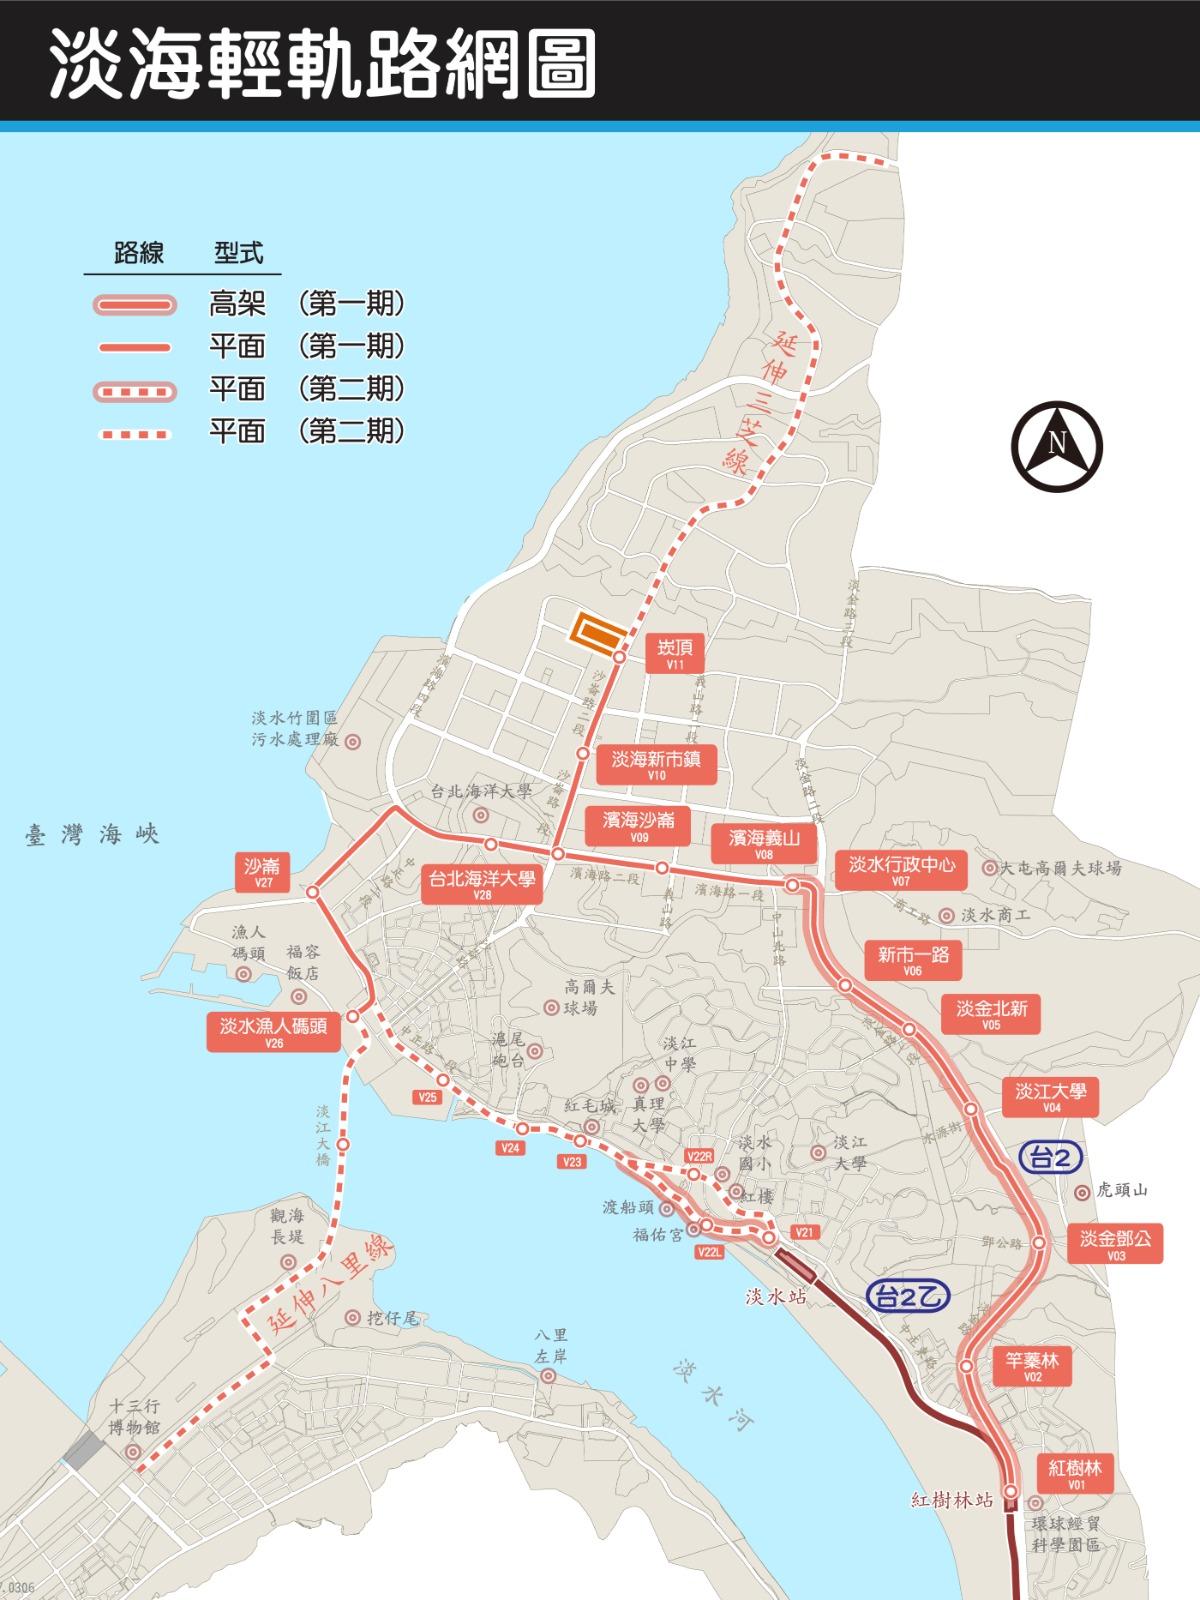 淡海輕軌路網圖